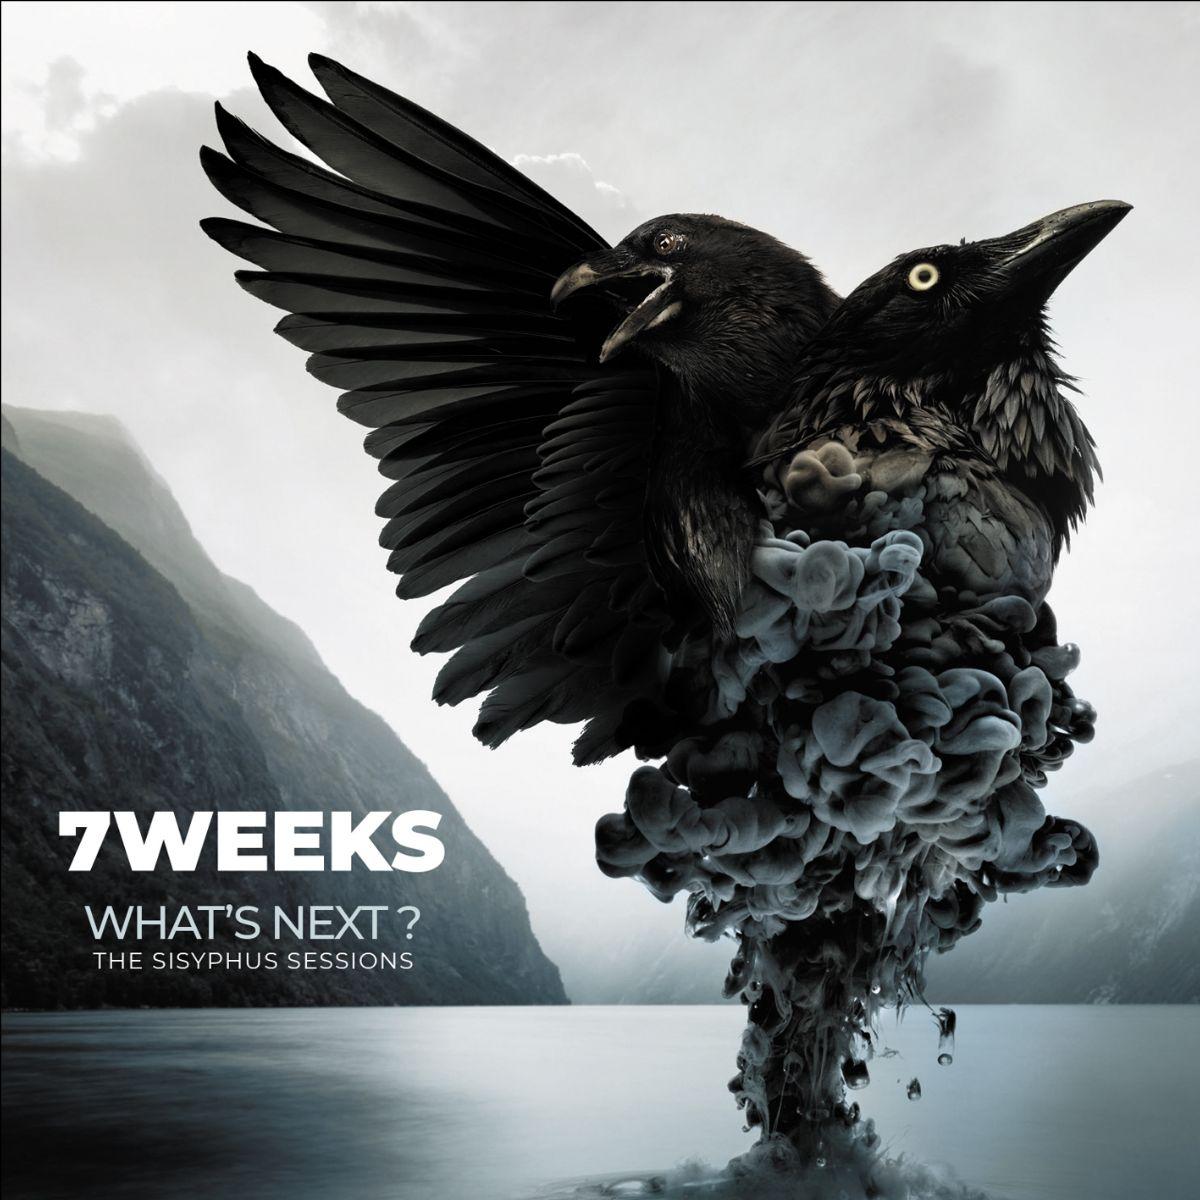 7 WEEKS dévoile le clip vidéo de la nouvelle chanson «Intimate Hearts»